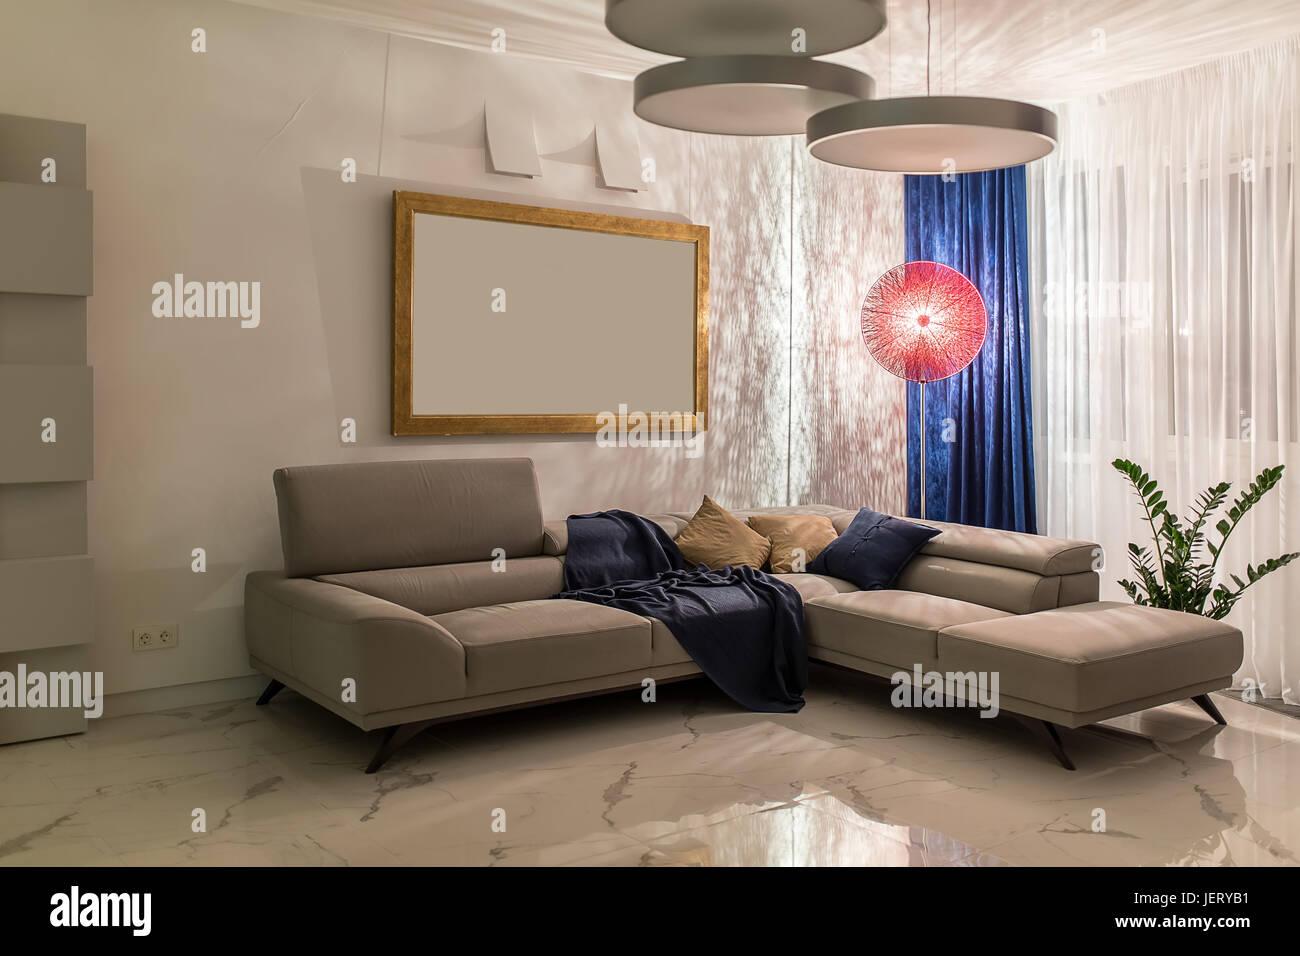 Camera moderna con pareti bianche e pavimento in piastrelle chiare